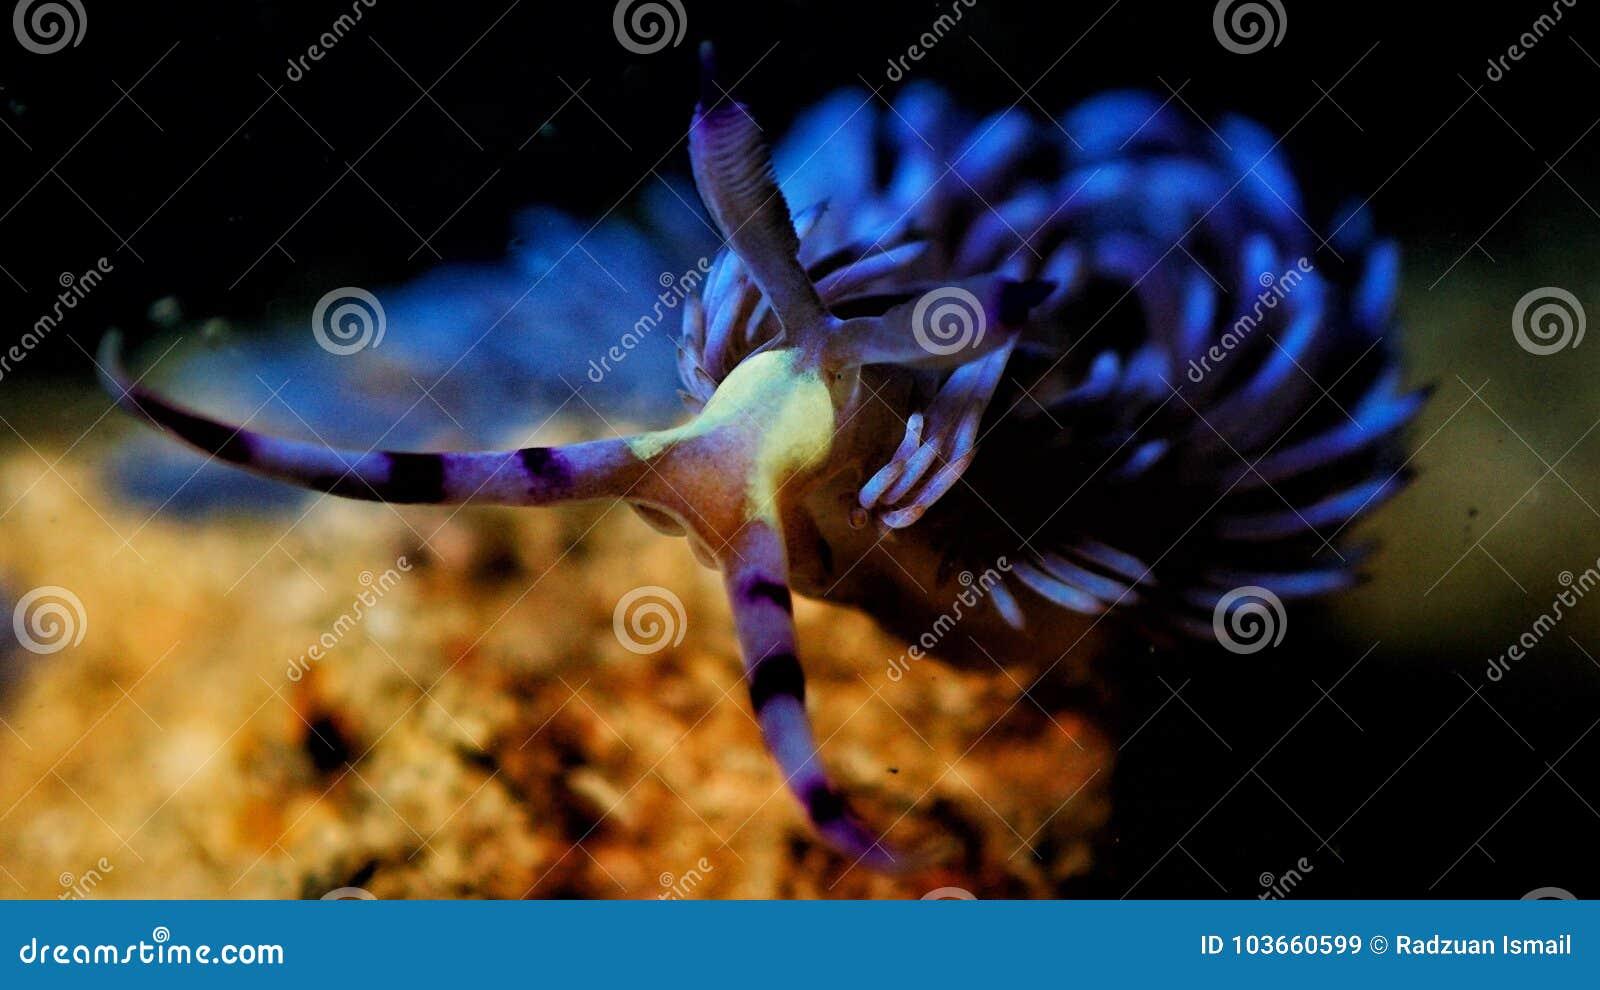 De Blauwe Draak.Blauwe Draak Stock Afbeelding Afbeelding Bestaande Uit Koraal